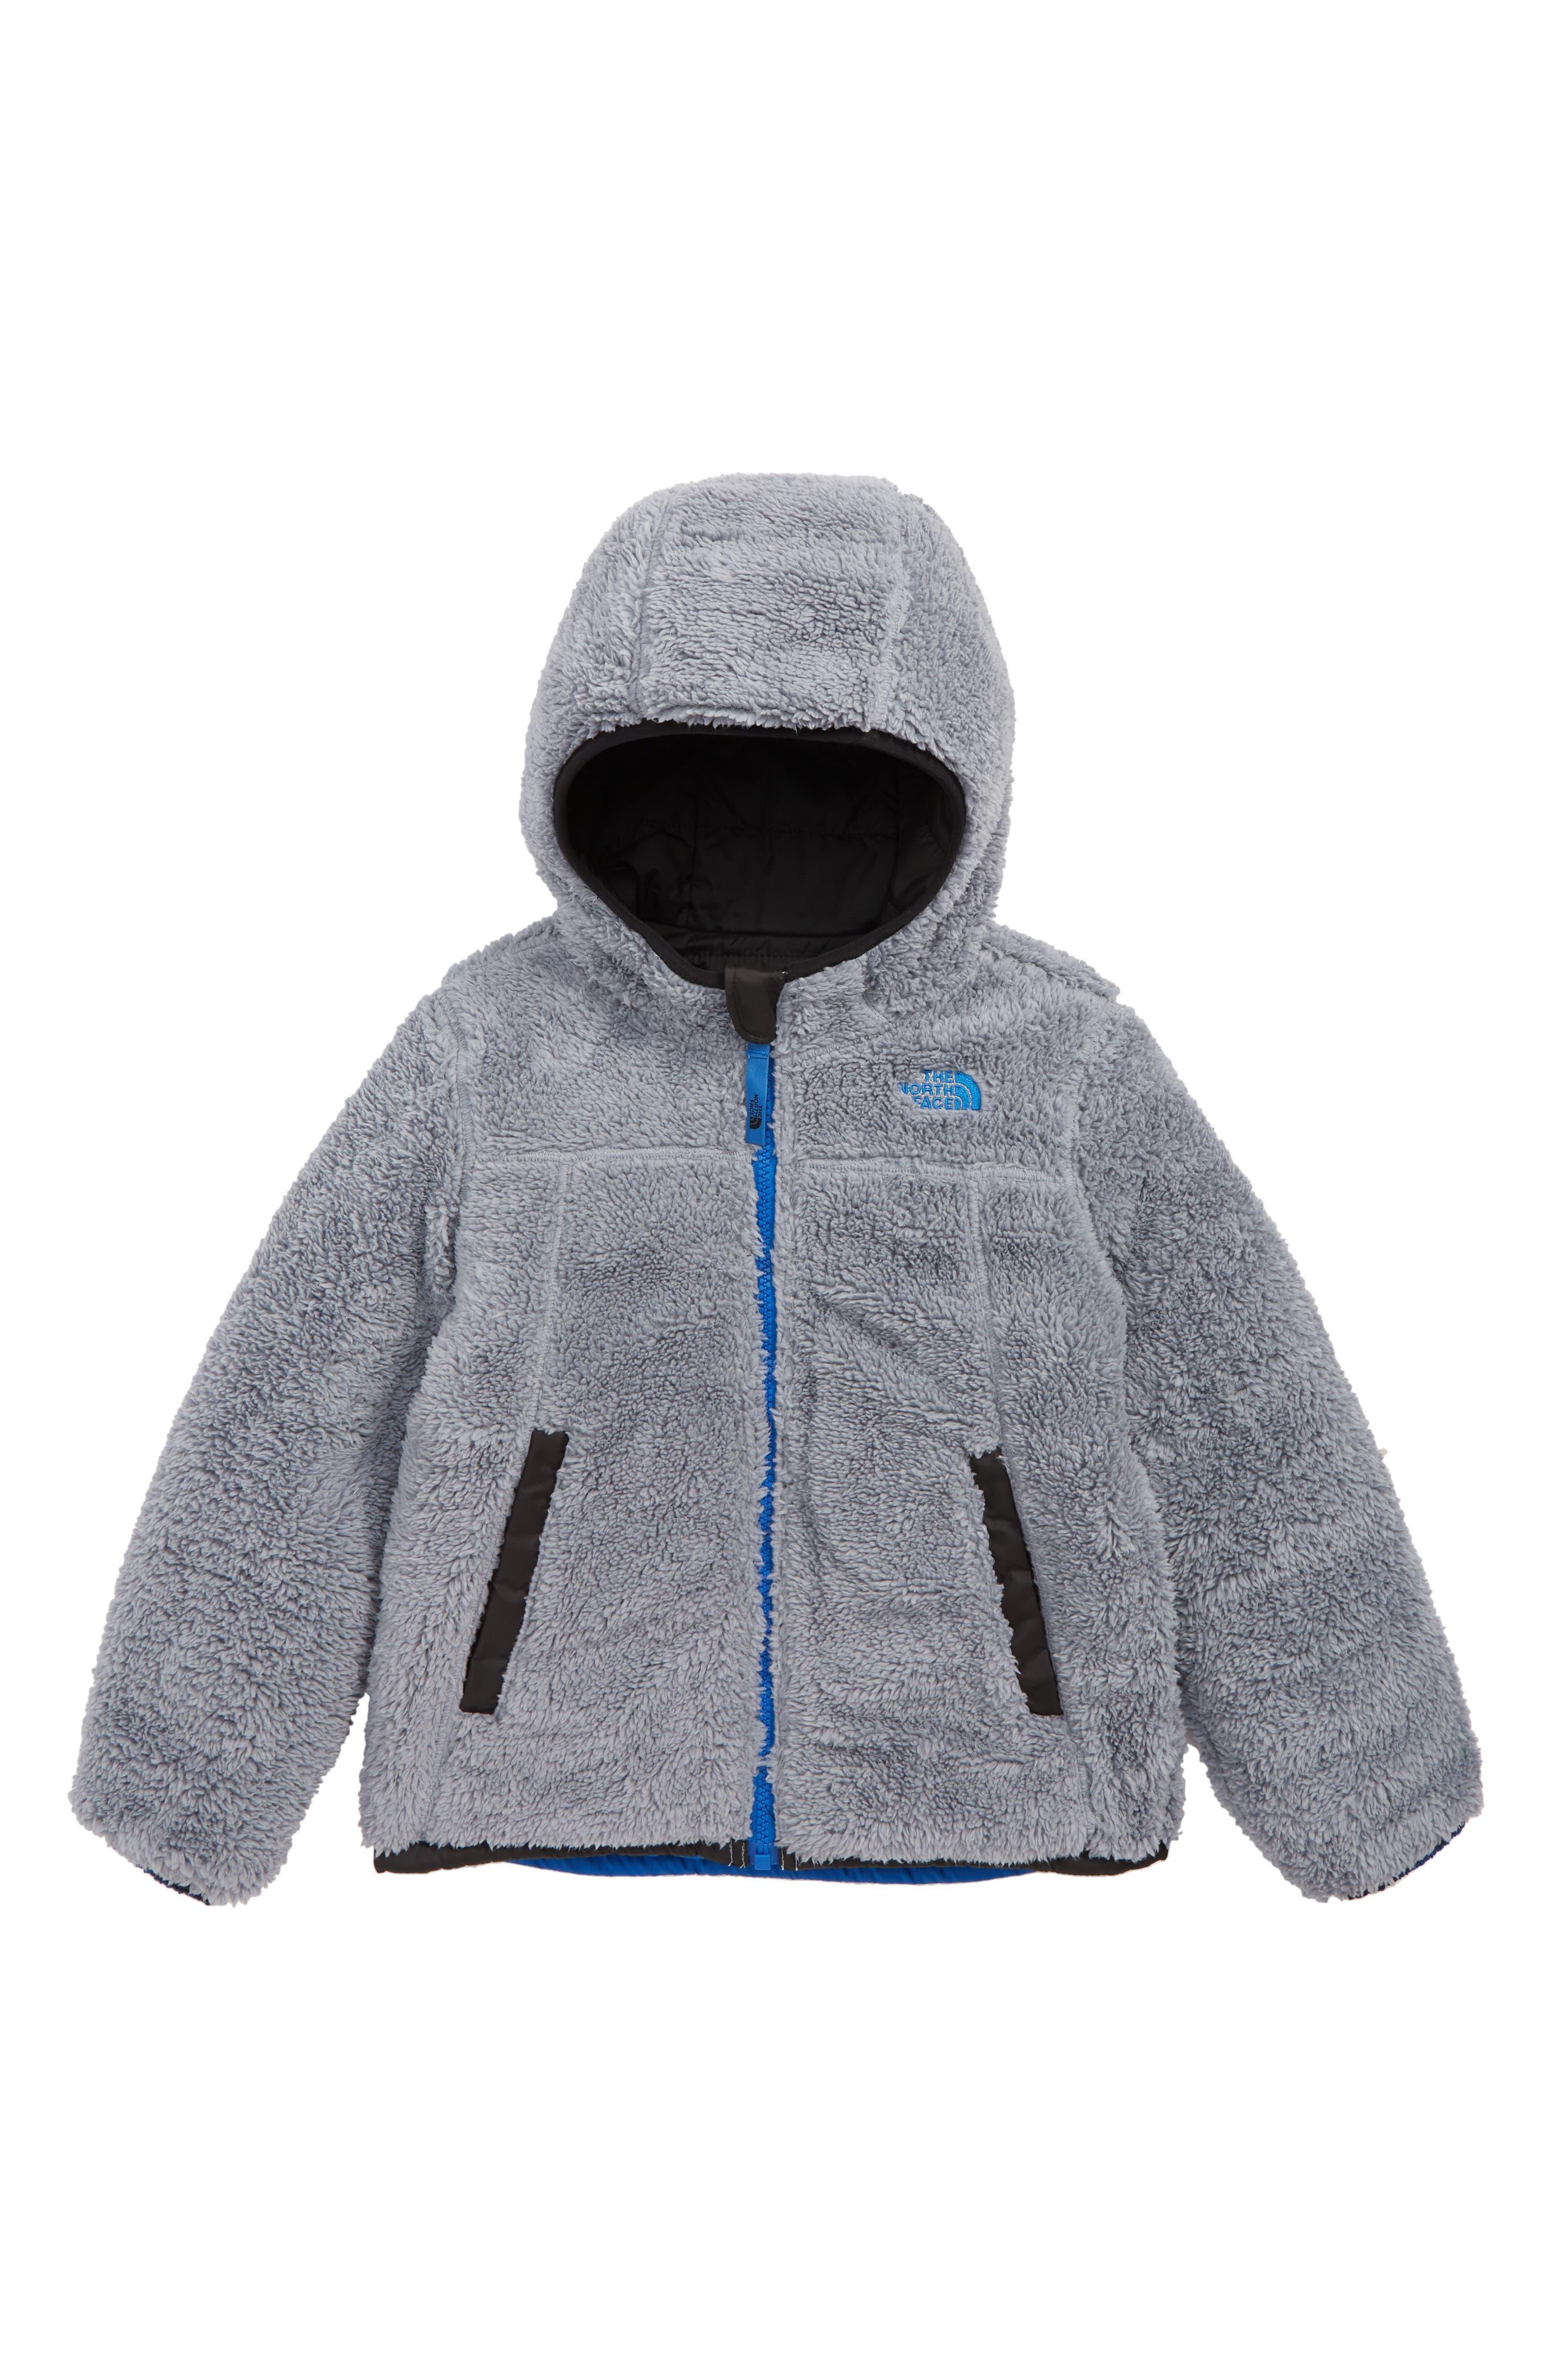 Chimborazo Reversible Jacket,                             Alternate thumbnail 2, color,                             TURKISH SEA